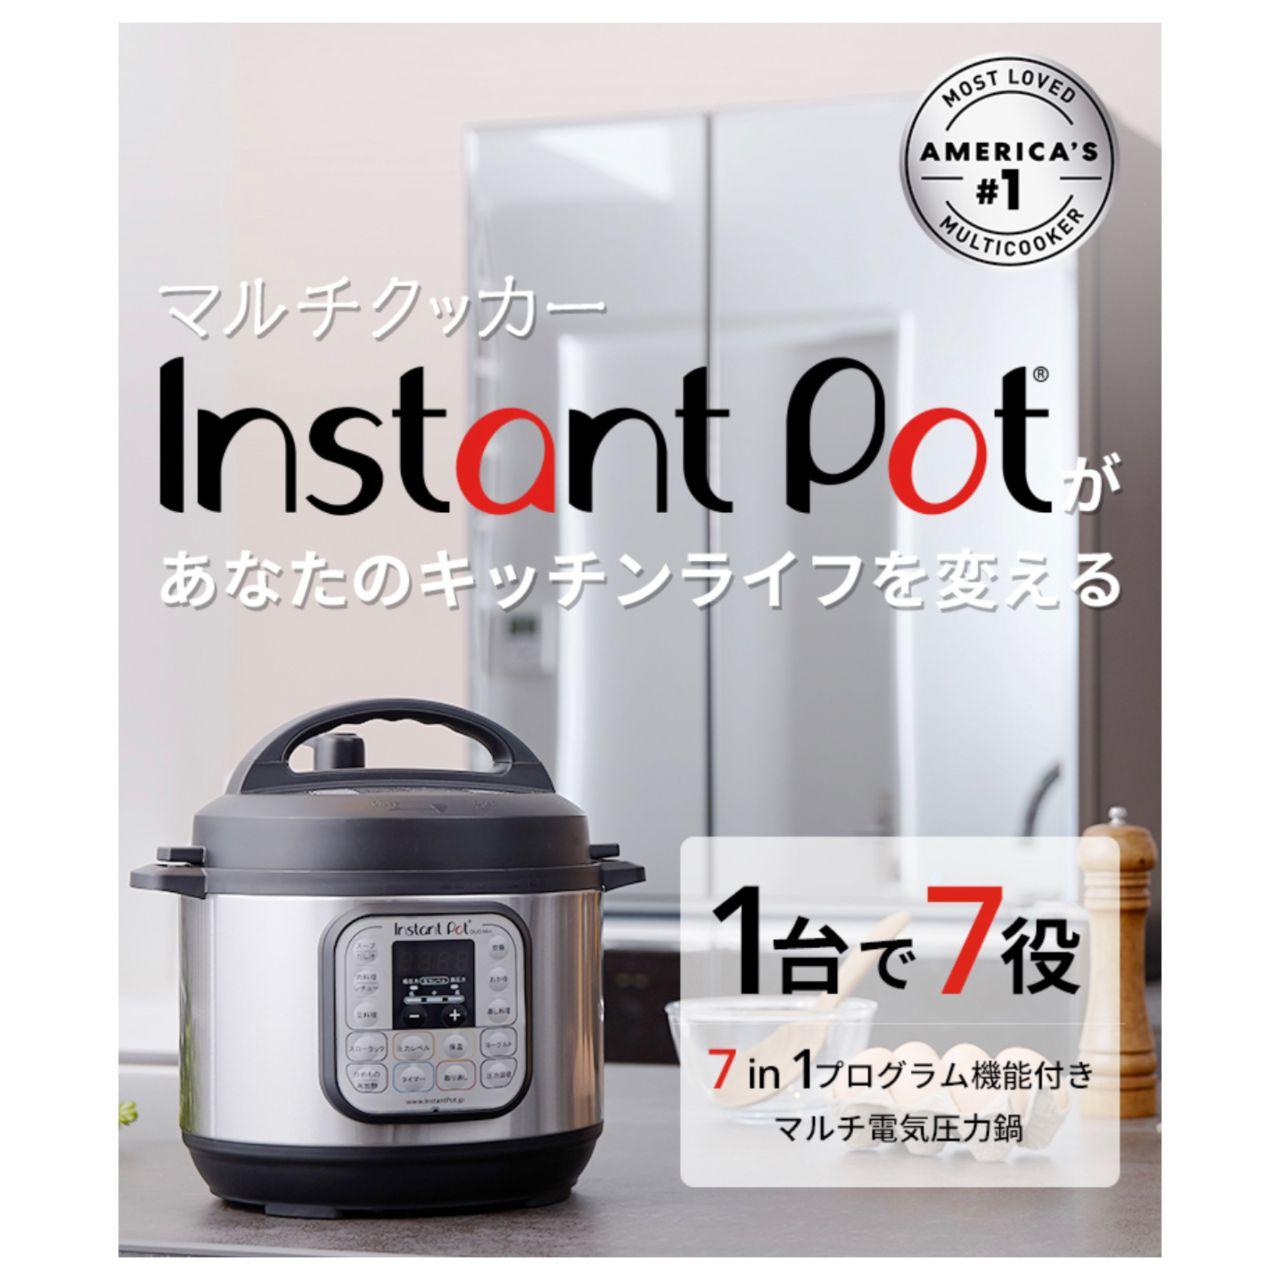 「全米シェアNo.1/7in1マルチ電気圧力鍋*。」の写真